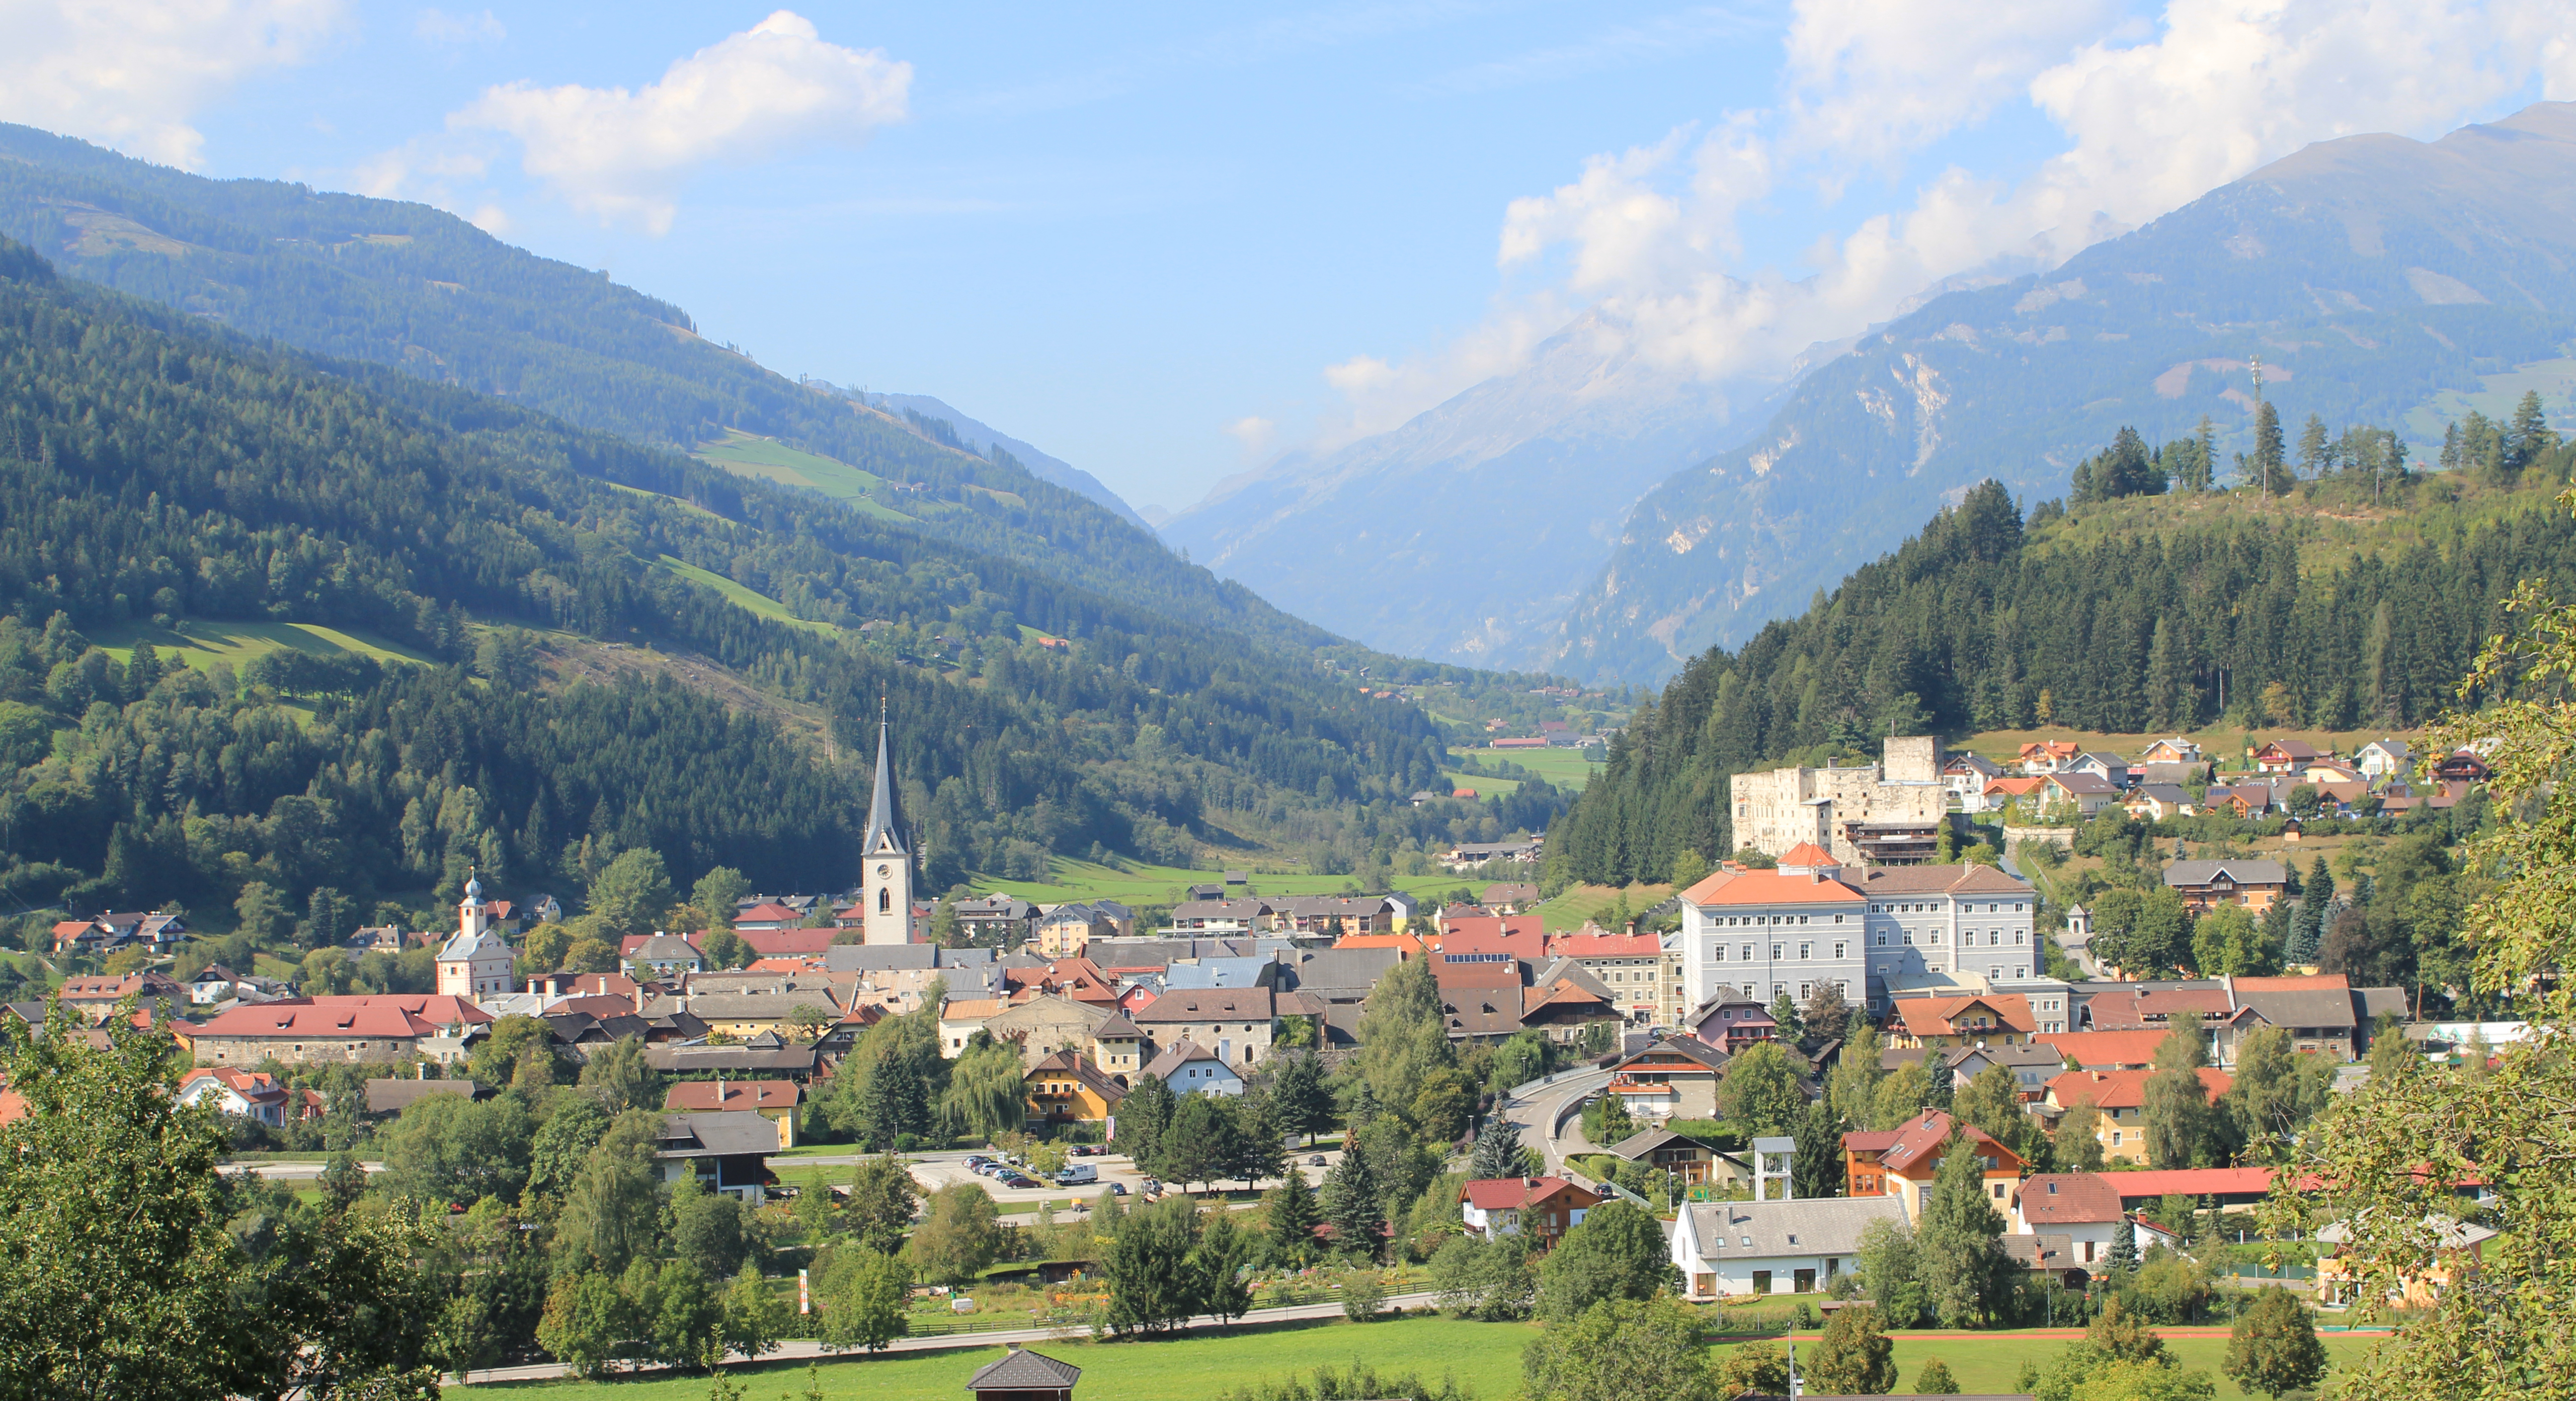 Sie Sucht Sie Sankt Andra, Swiss Dating Site Free Gmnd